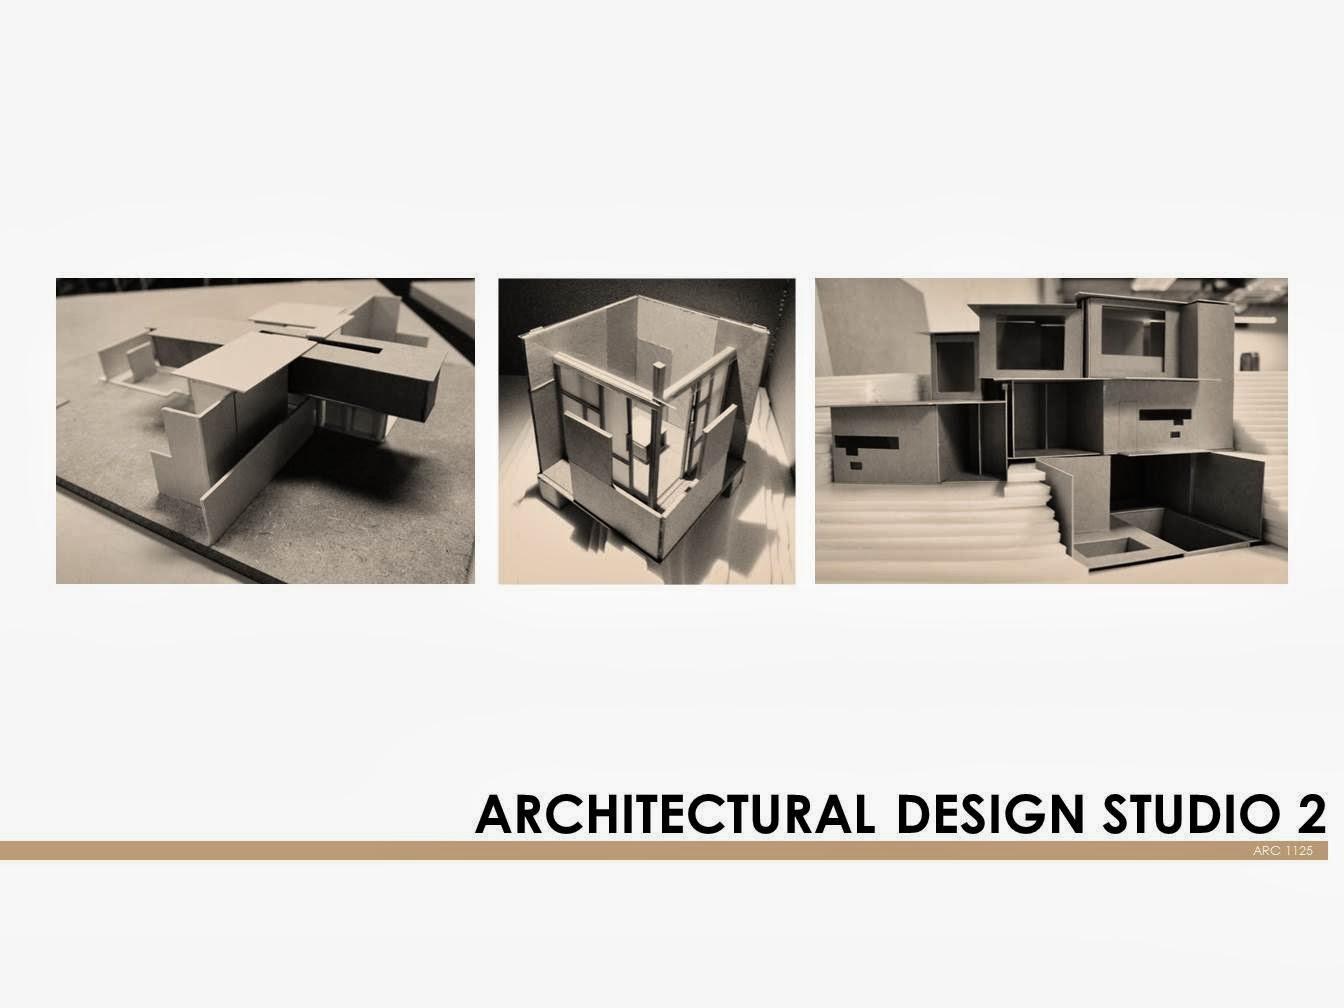 Architectural design studio 2 degree in architecture for Architectural decoration